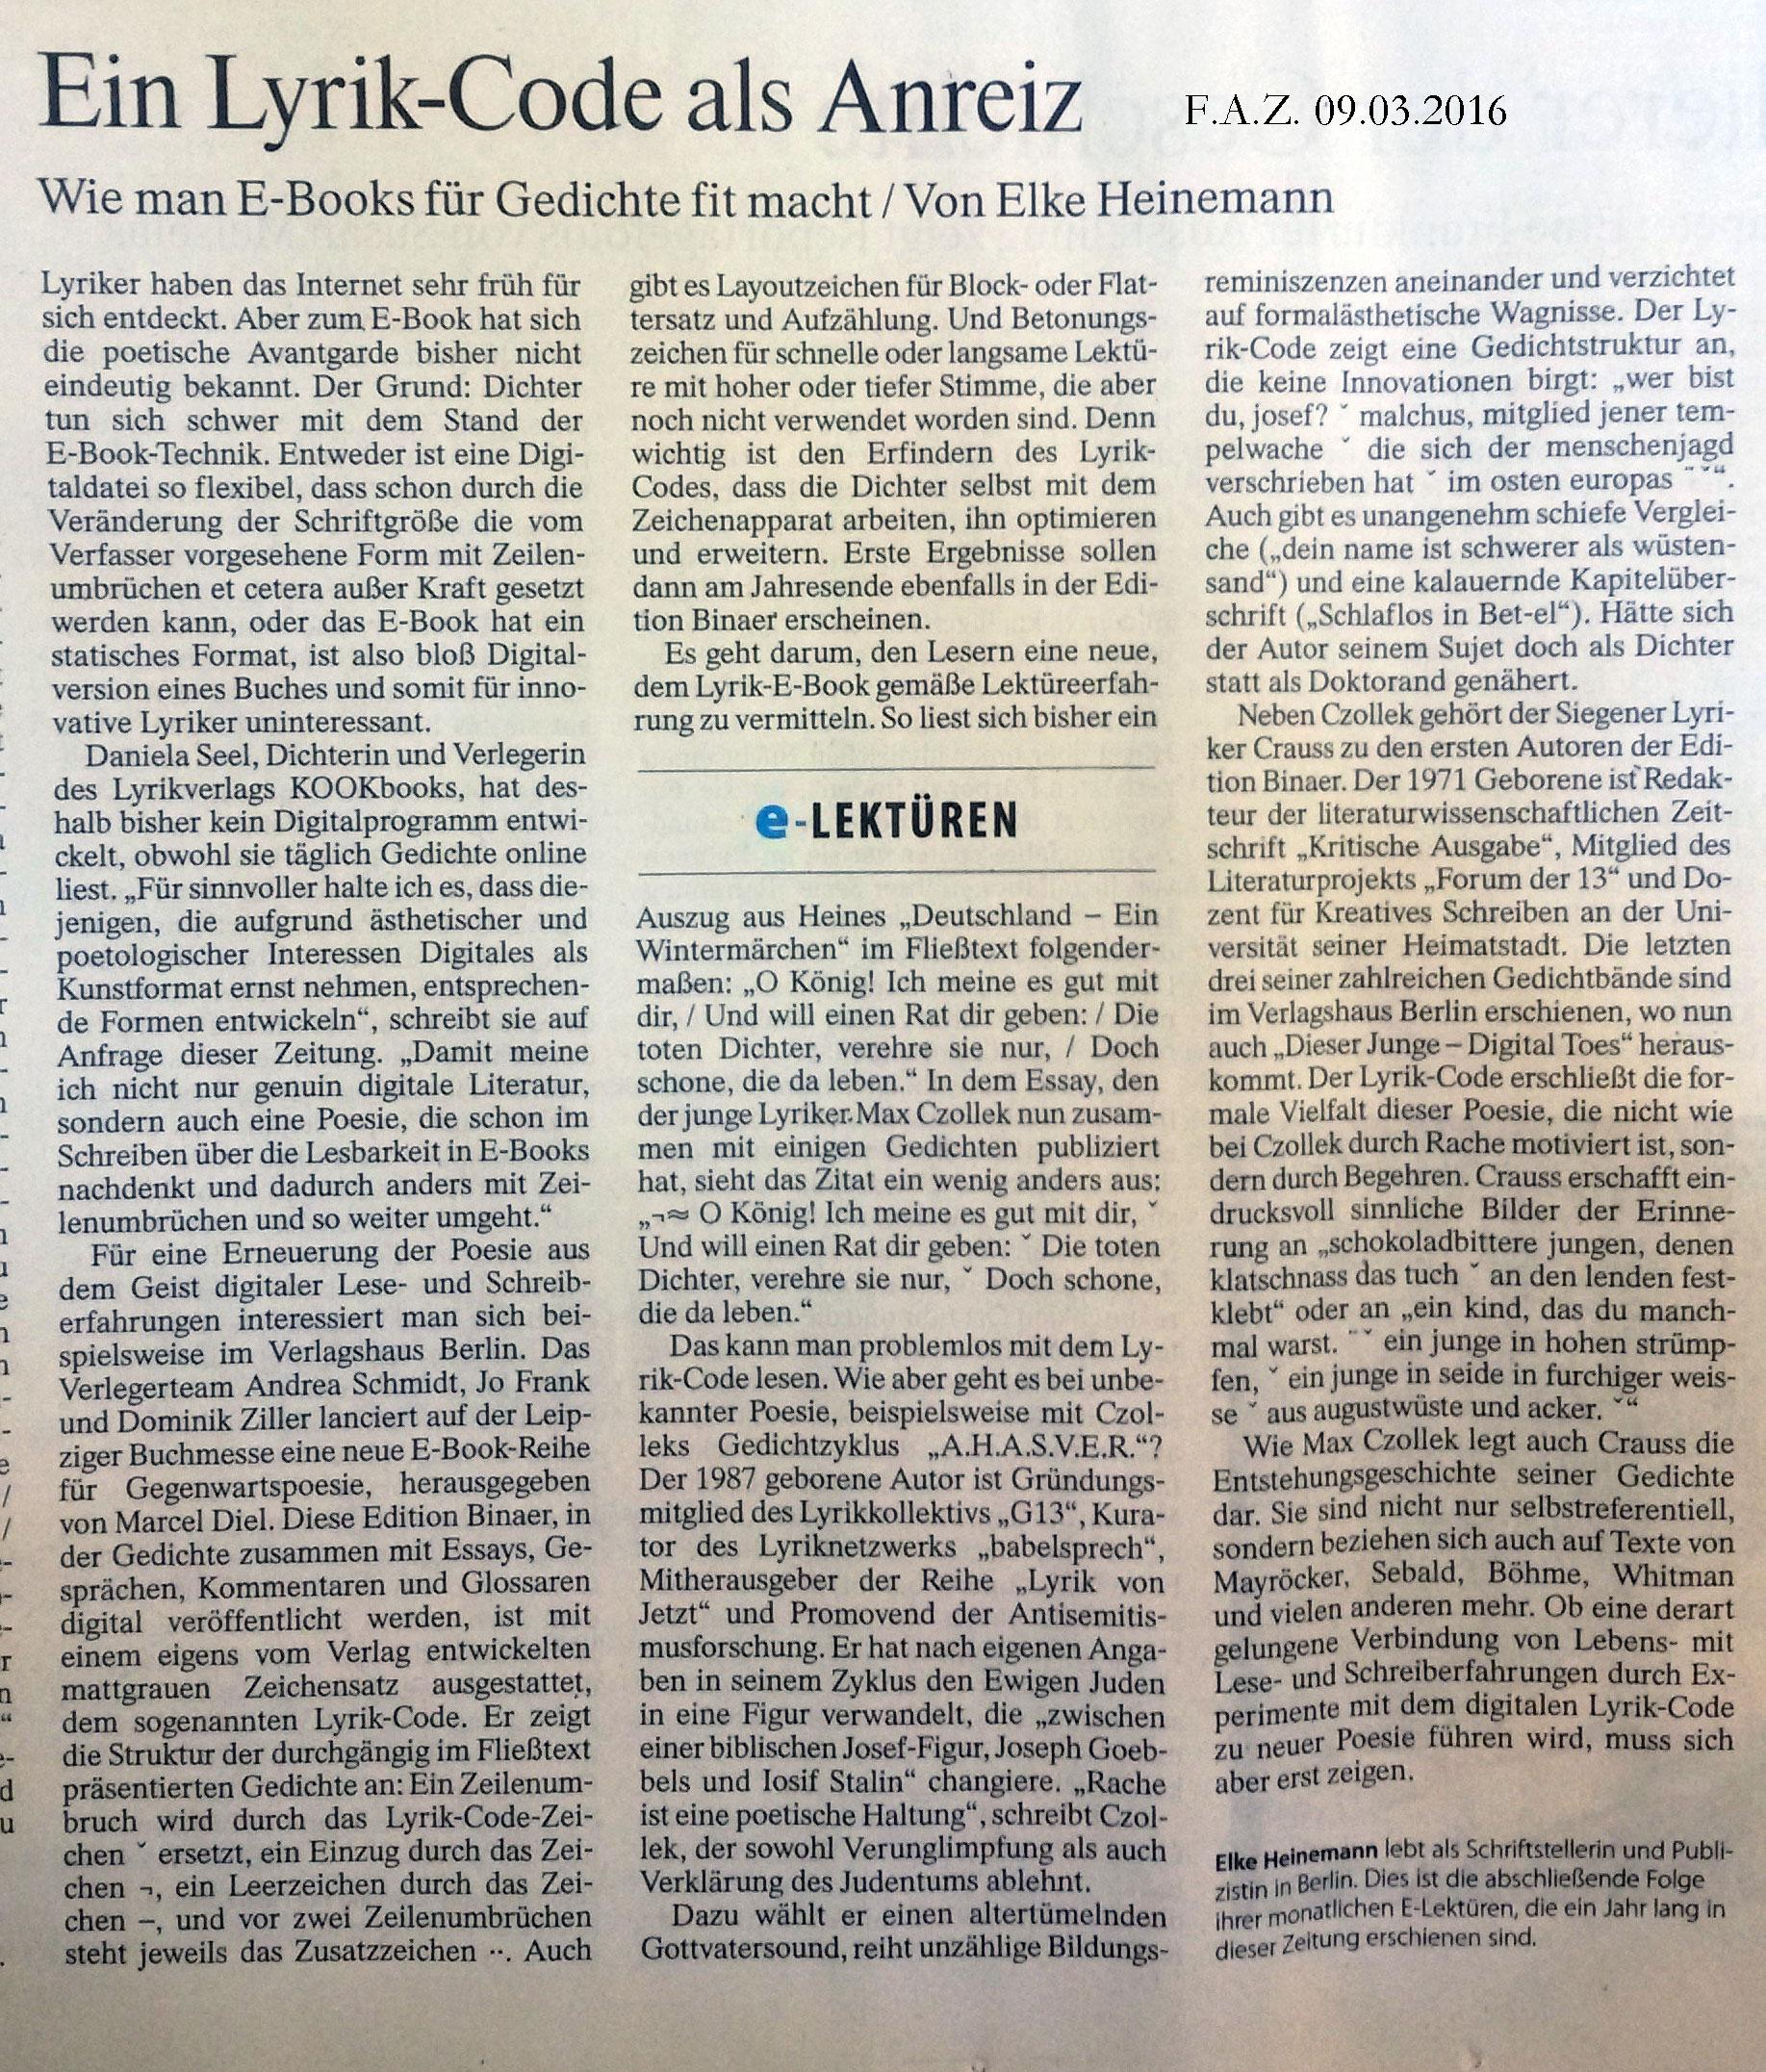 Elke Heinemann bespricht DIESER JUNGE